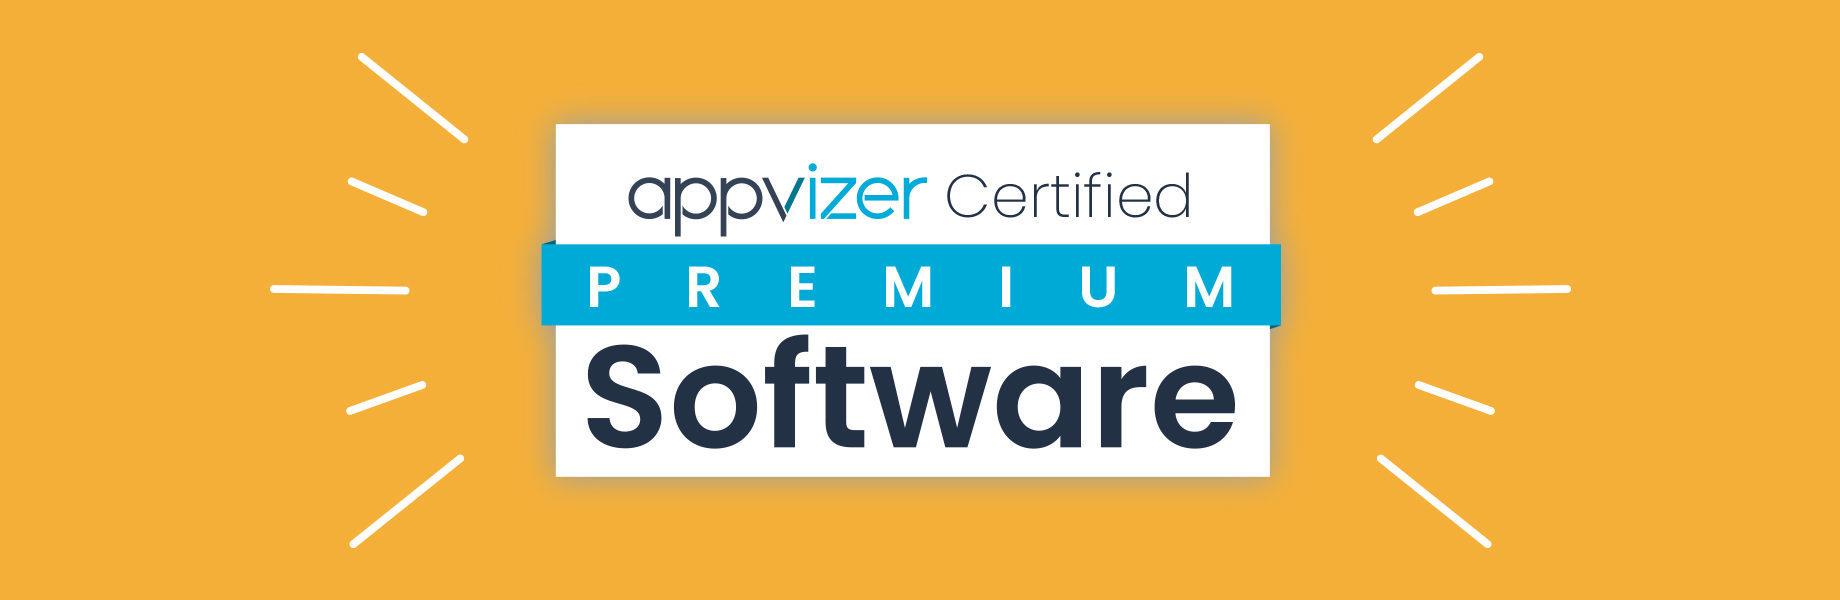 Come ottenere un badge premium appvizer?